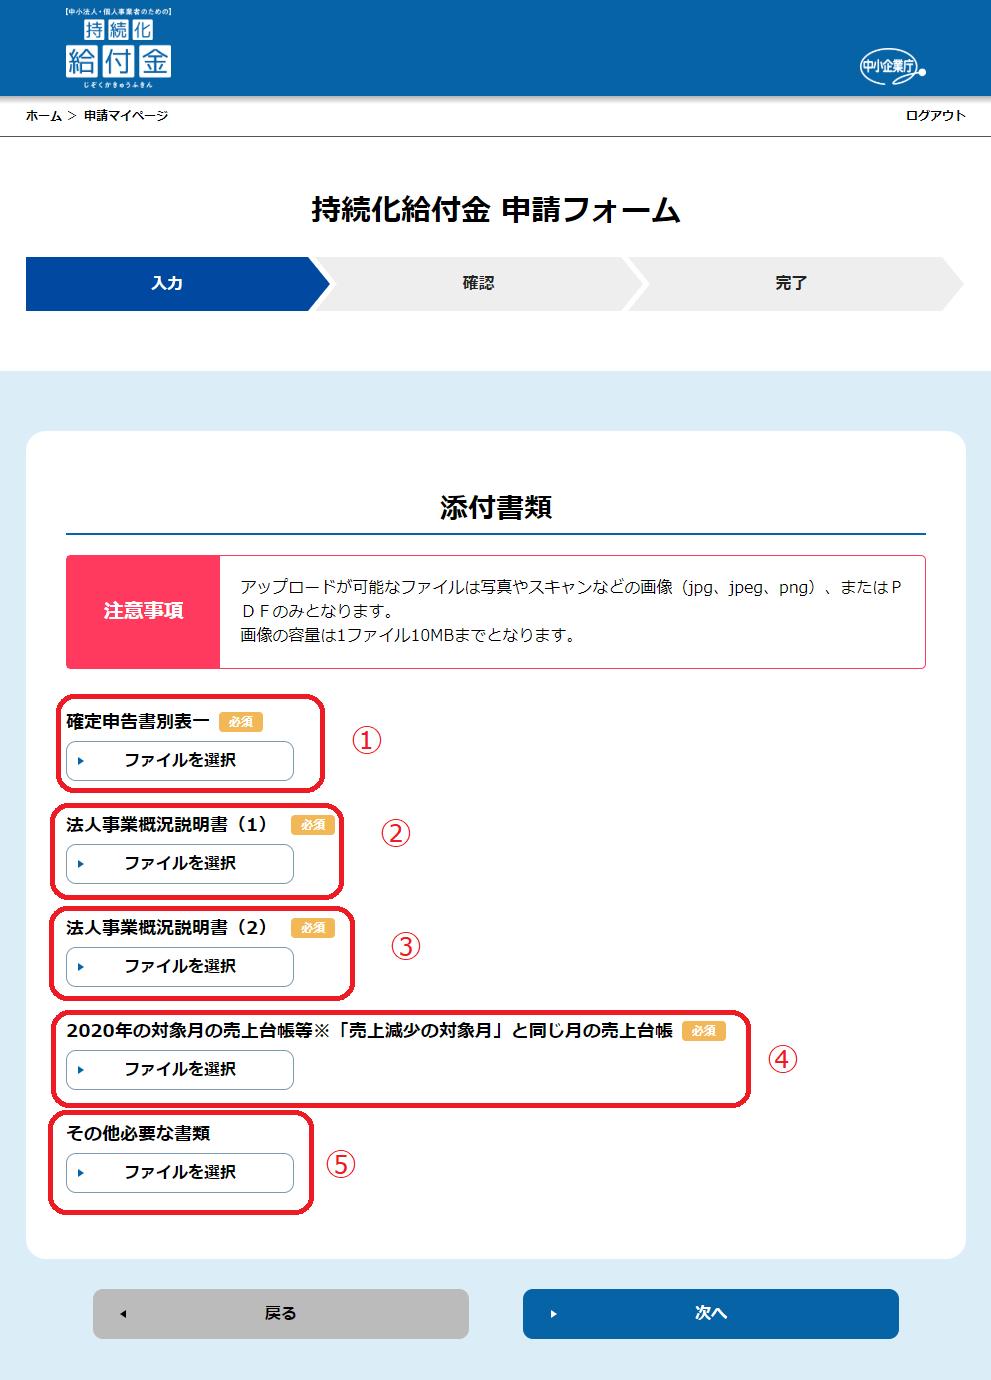 持続 化 給付 金 ログイン ページ 「持続化給付金」申請のマイページにログインできない?